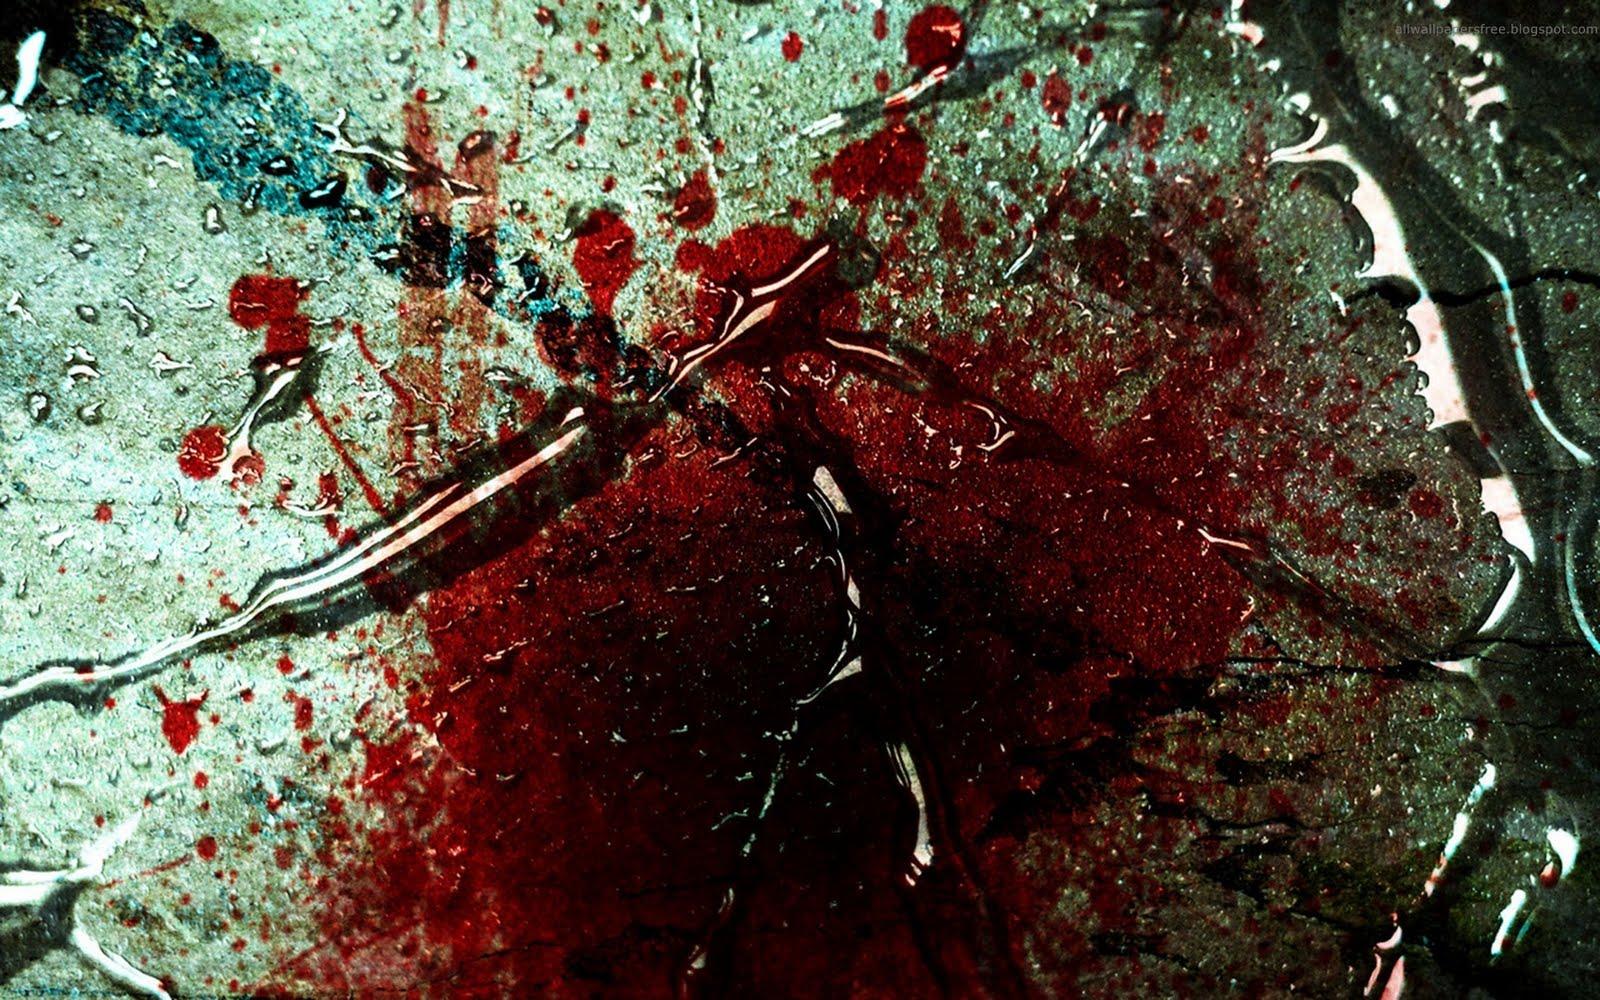 http://2.bp.blogspot.com/_Kpi0thIqeJI/TMFv2GS2kmI/AAAAAAAAAHg/8MCfnc8wtN4/s1600/Wallpaper%2B(01).jpg